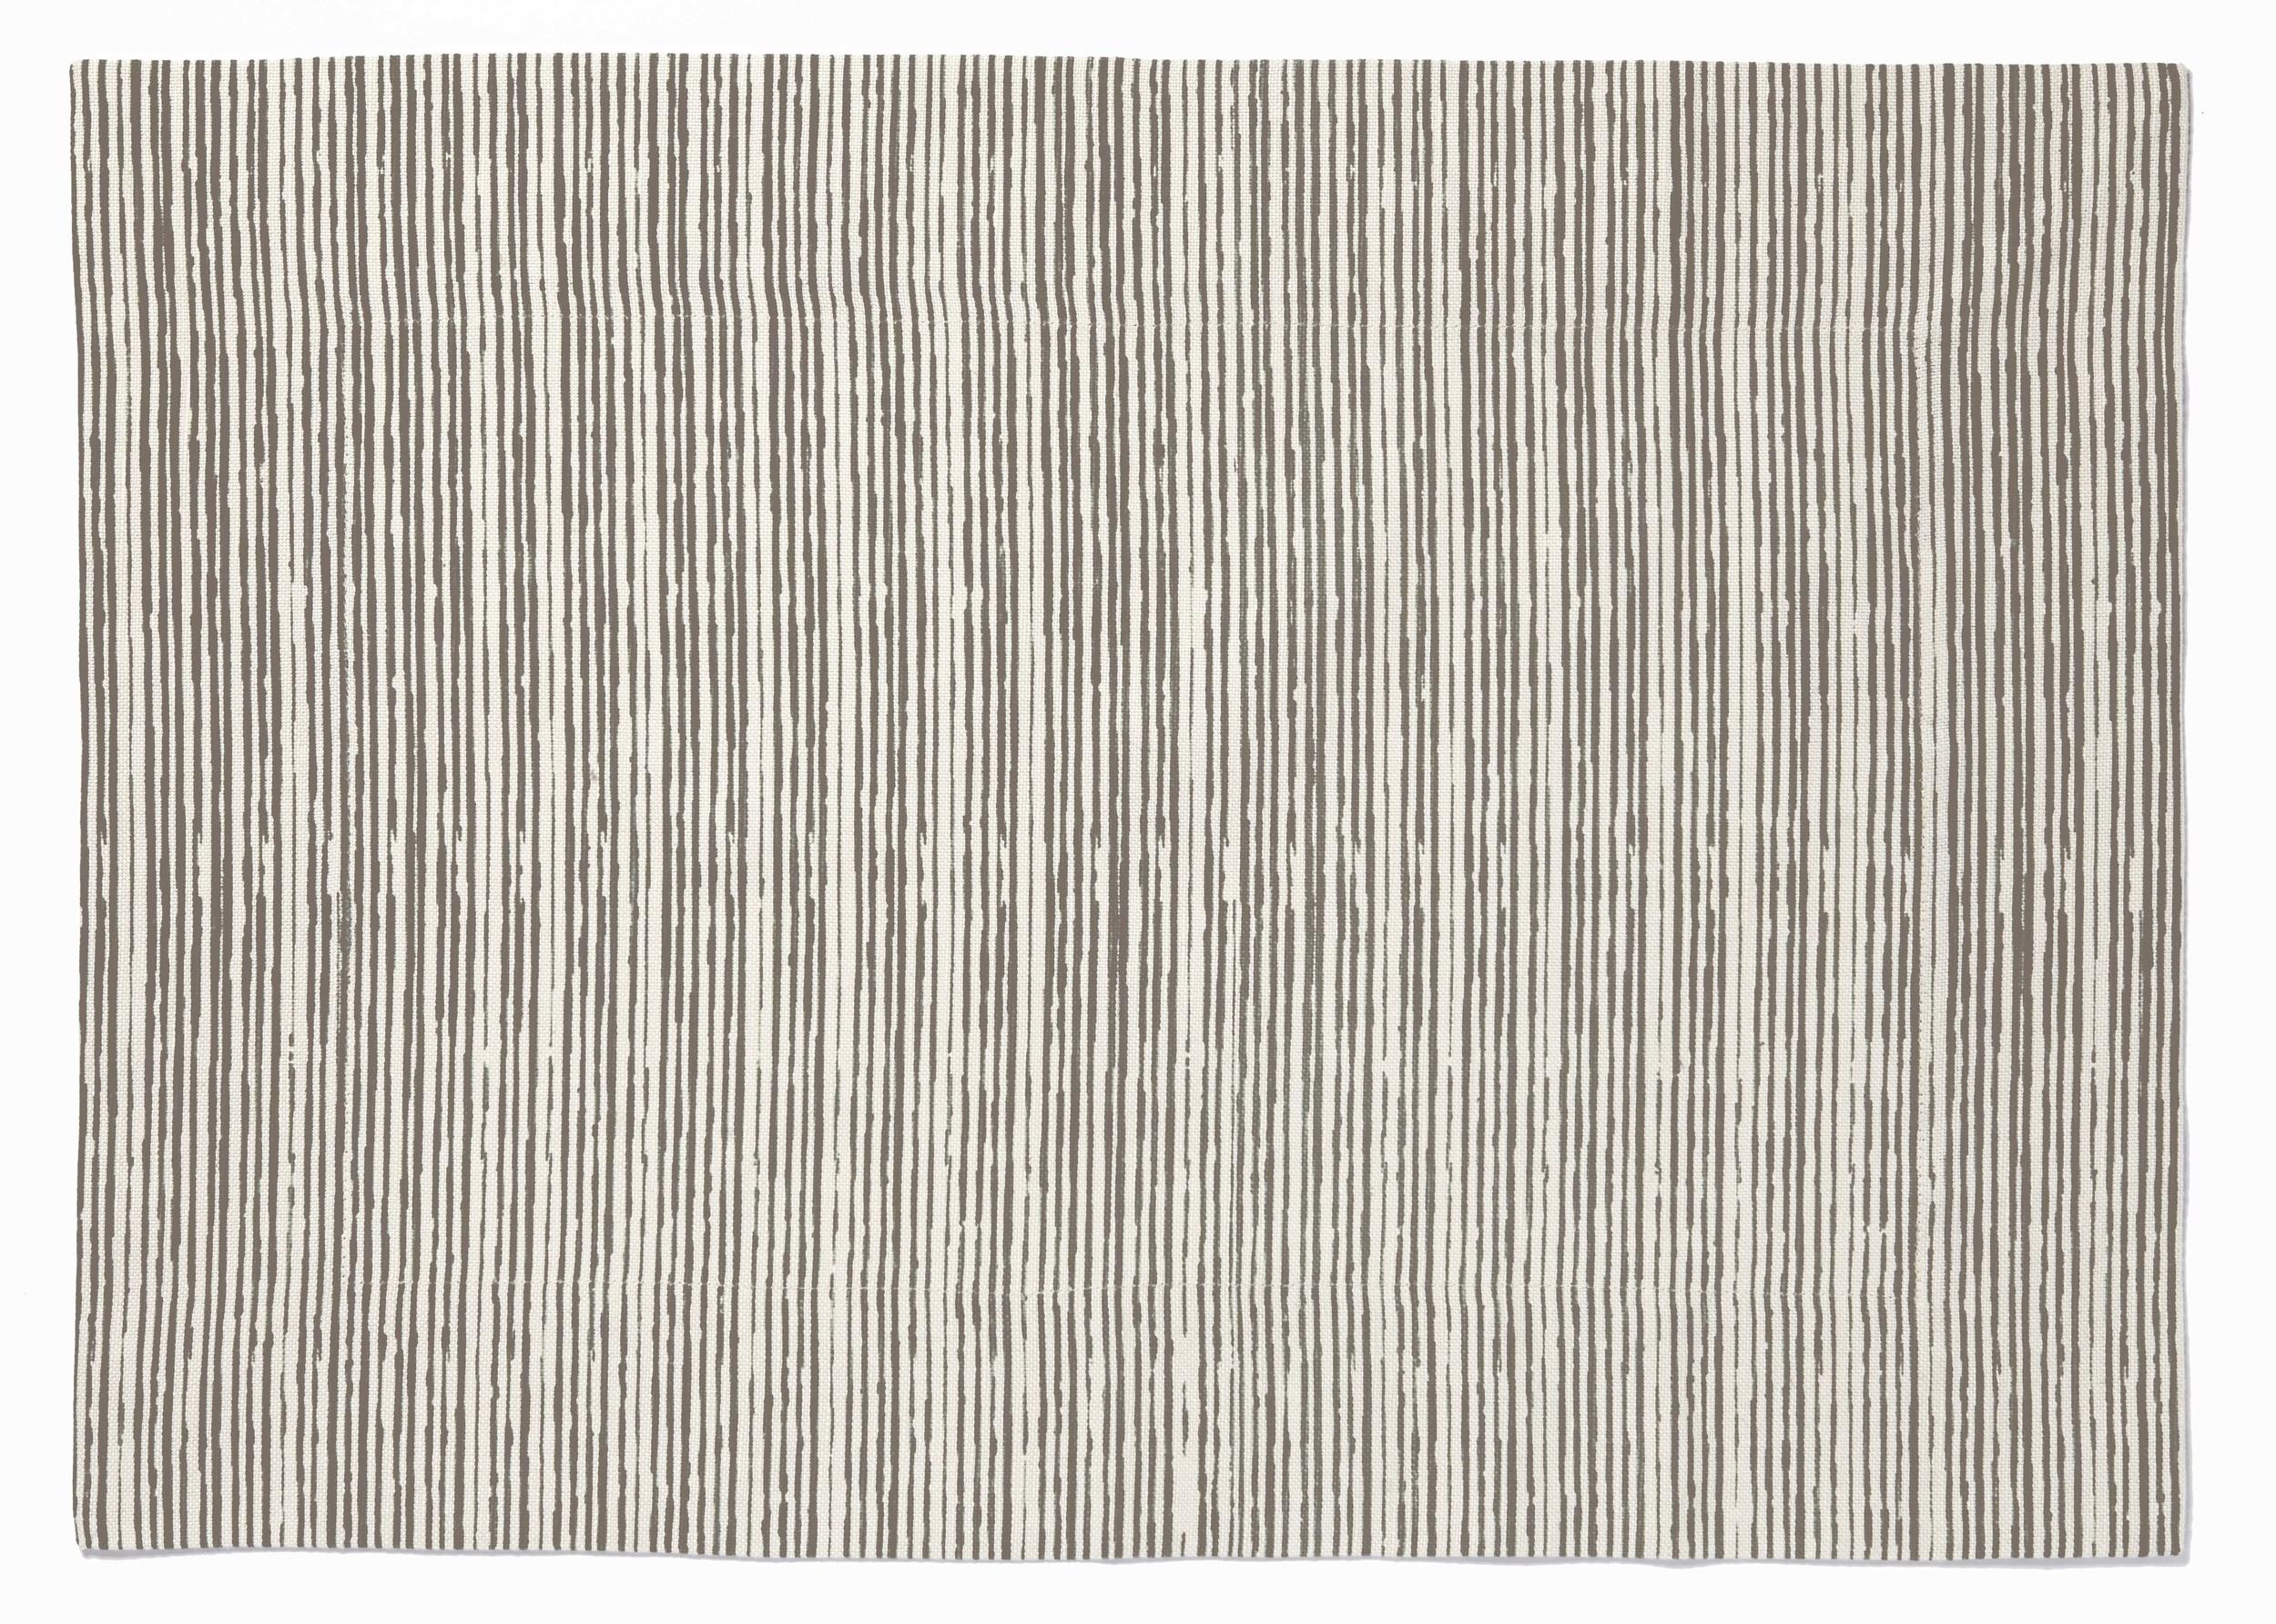 PENP04_Grey Pencil Lines Placemat.jpg